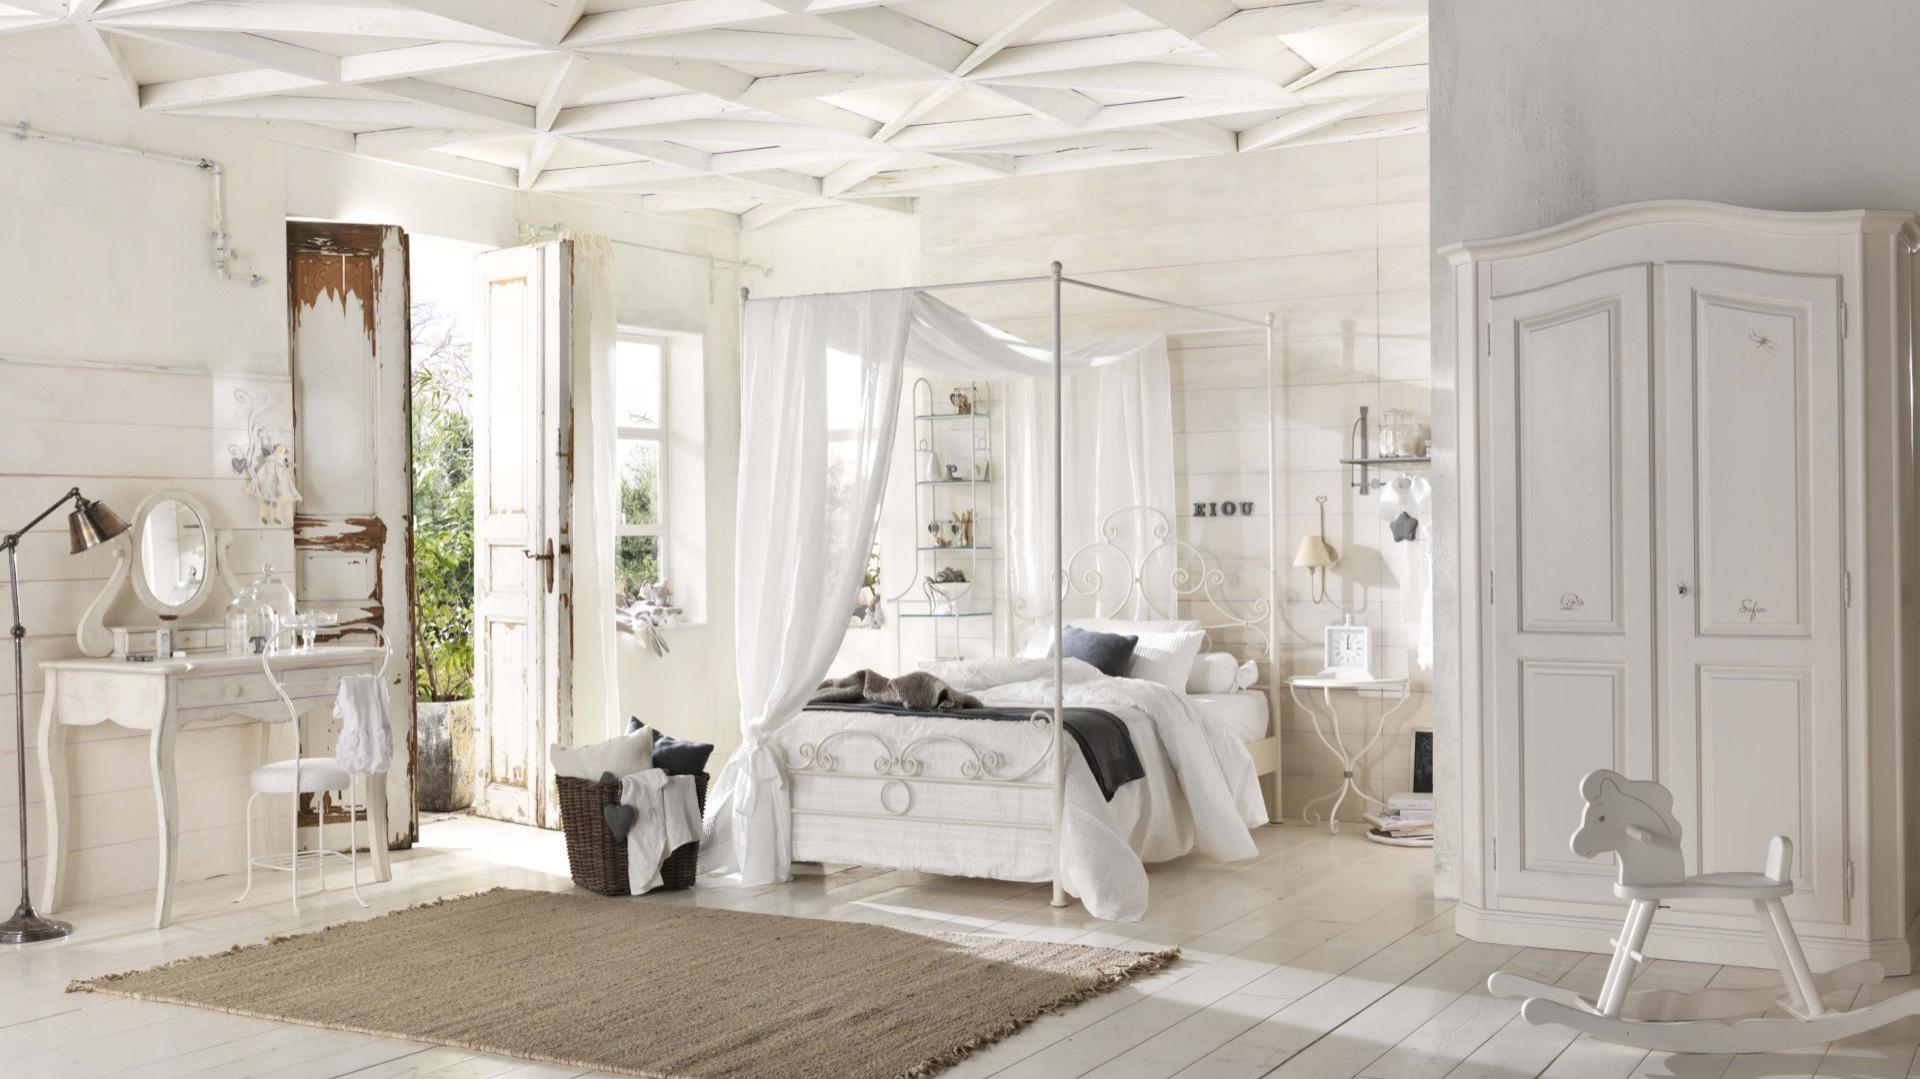 Jak Urządzić Jasną Sypialnię Zobaczcie Inspiracje